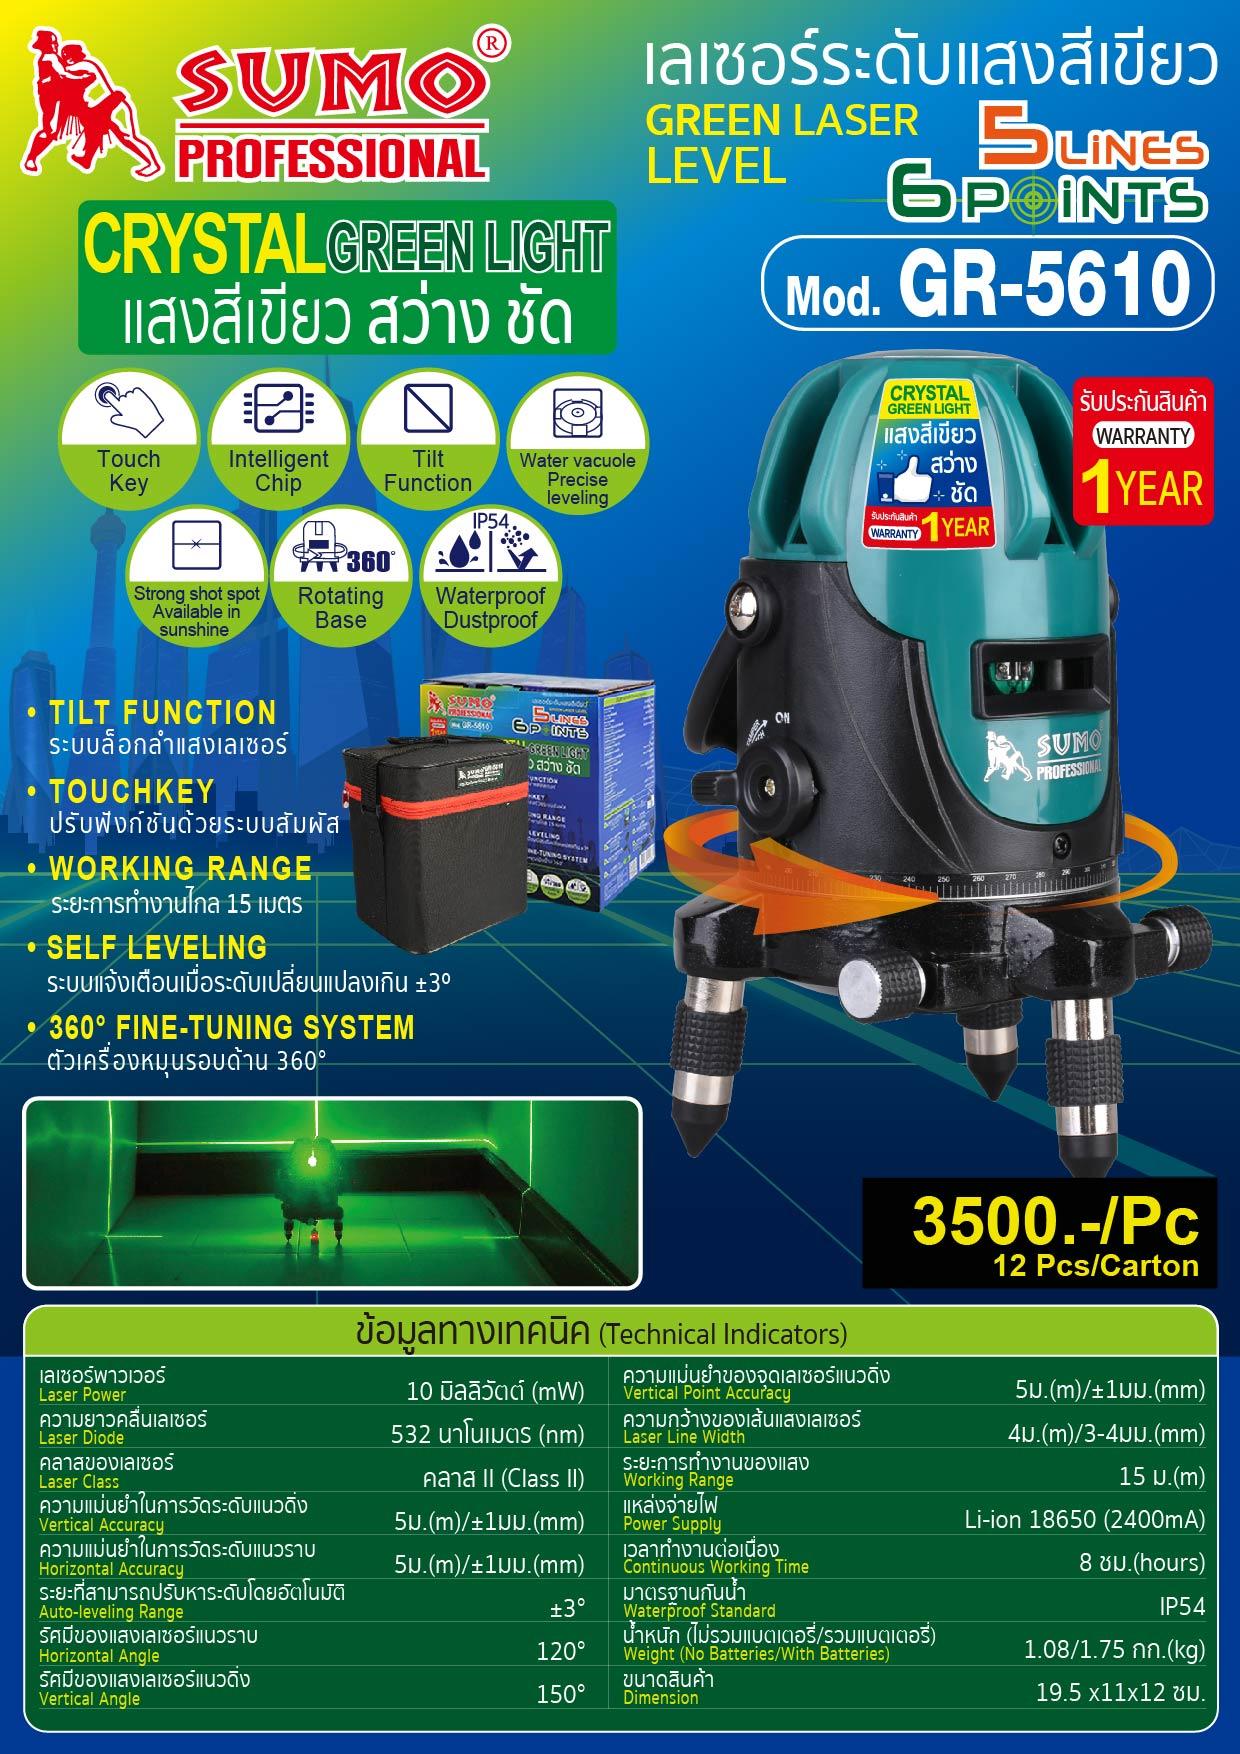 (1/36) เลเซอร์ระดับแสงสีเขียว GR-5610